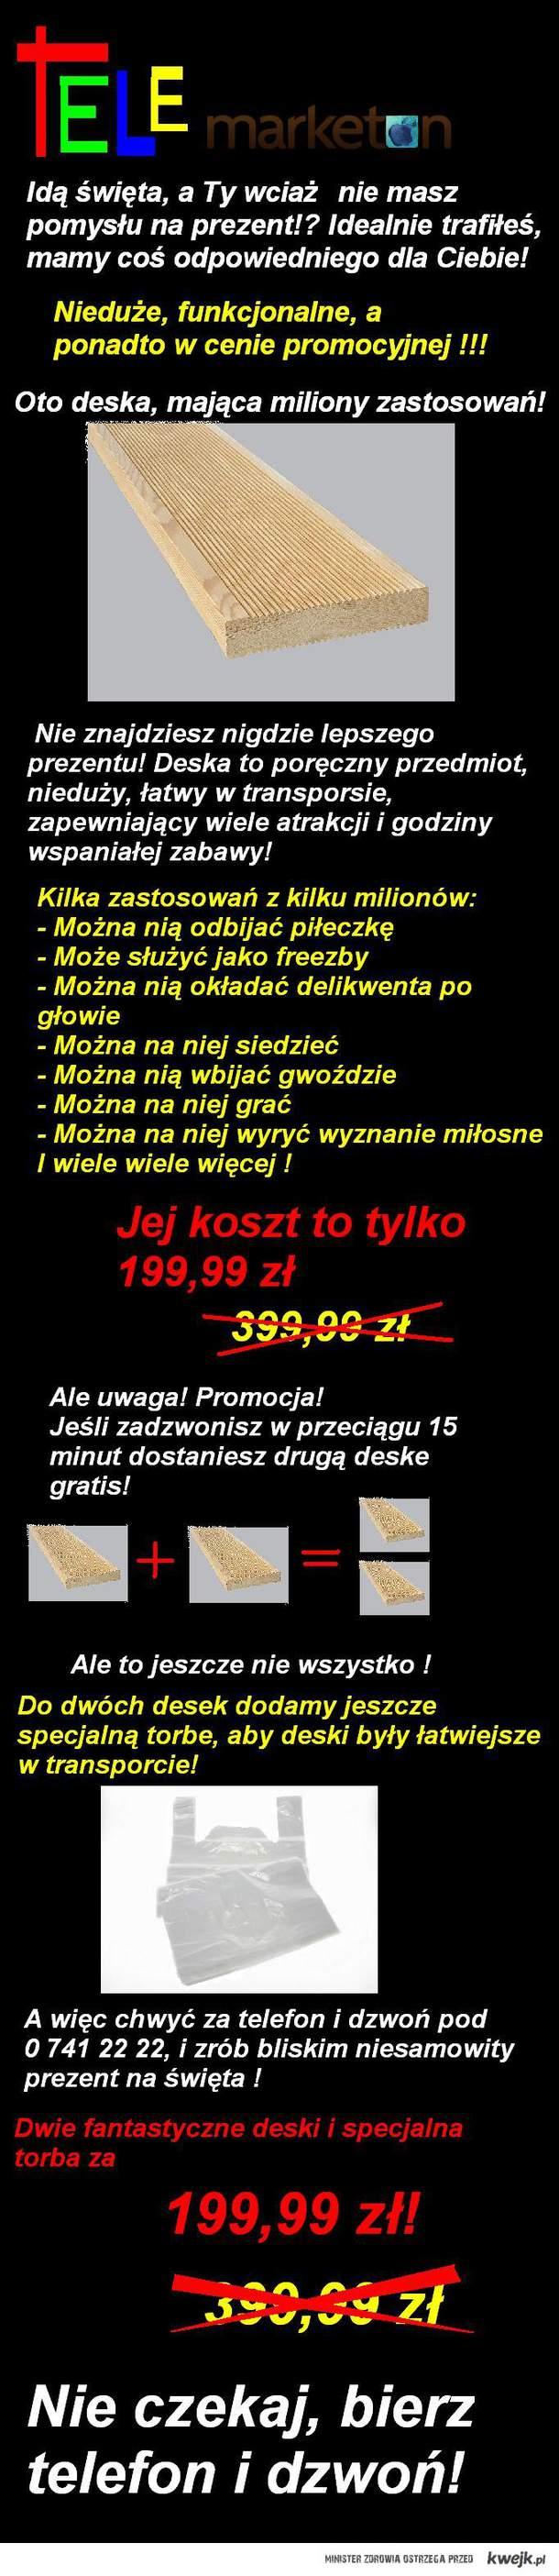 tele marketon